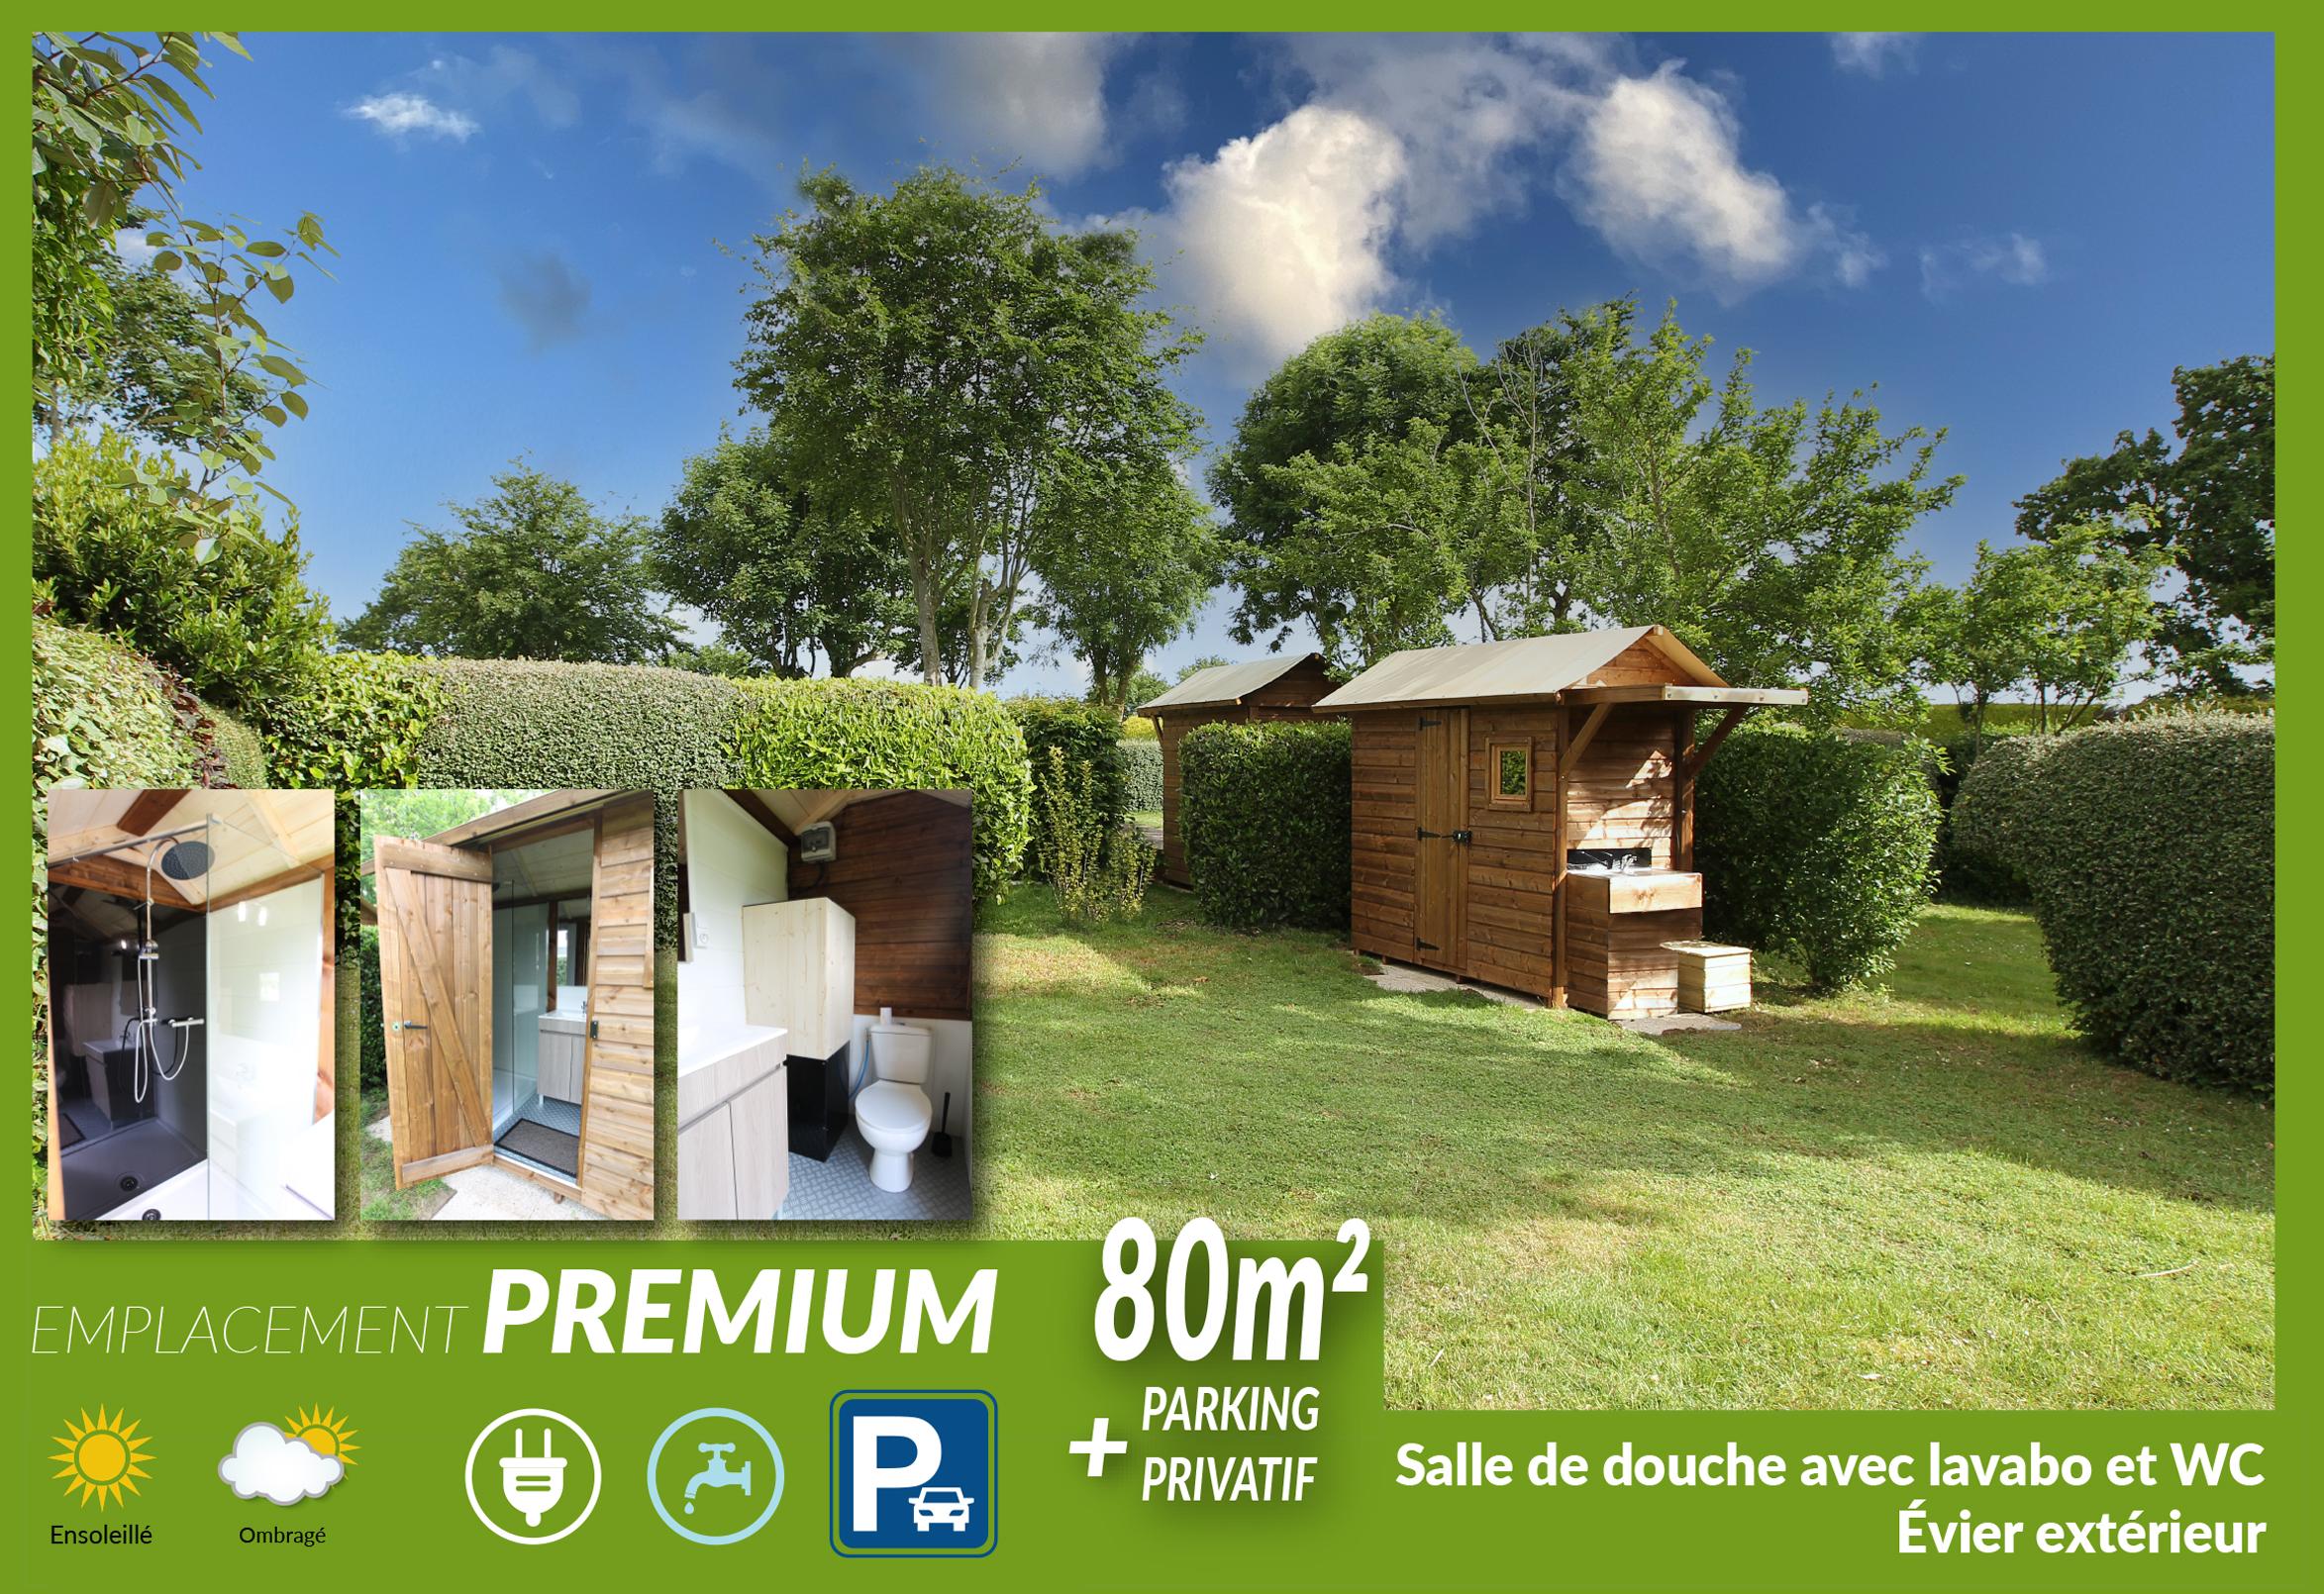 Emplacement - Emplacement Premium (Sanitaire Privé: Douche, Toilettes, Lavabo Et Évier Extérieur) - Camping Sites et Paysages Bellevue